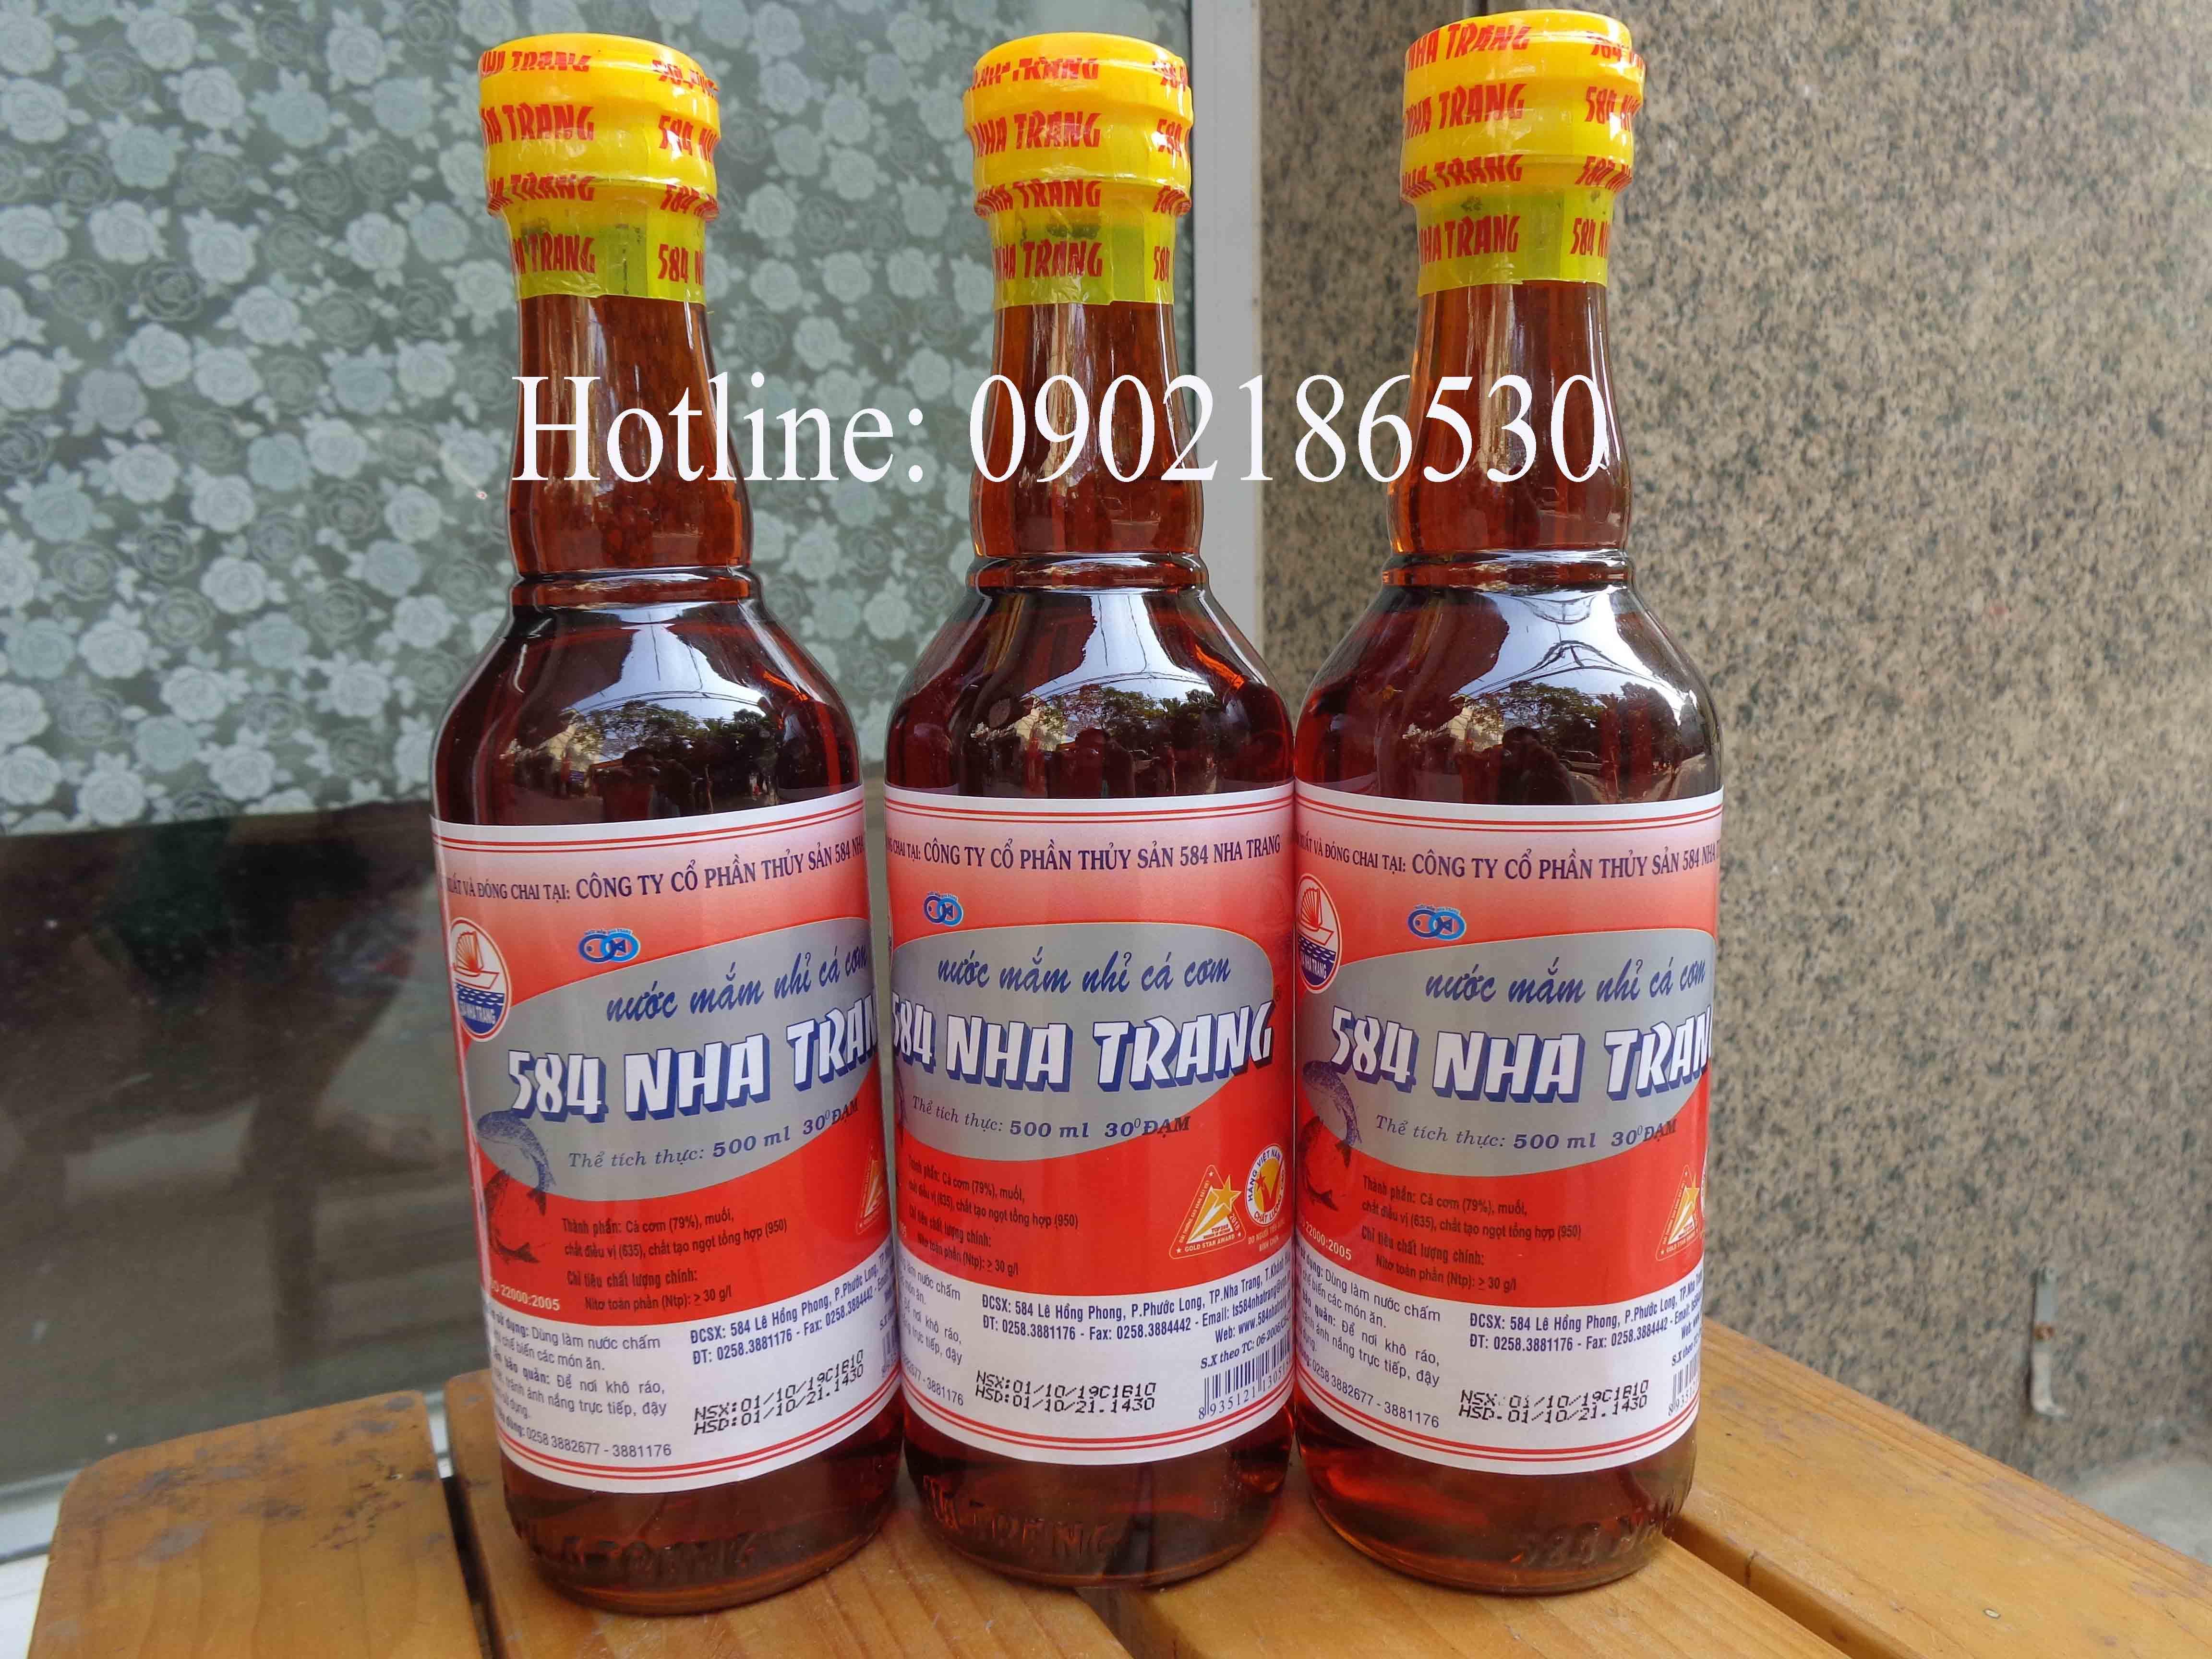 Nước mắm Nha Trang 30 độ đạm (chai nhựa)